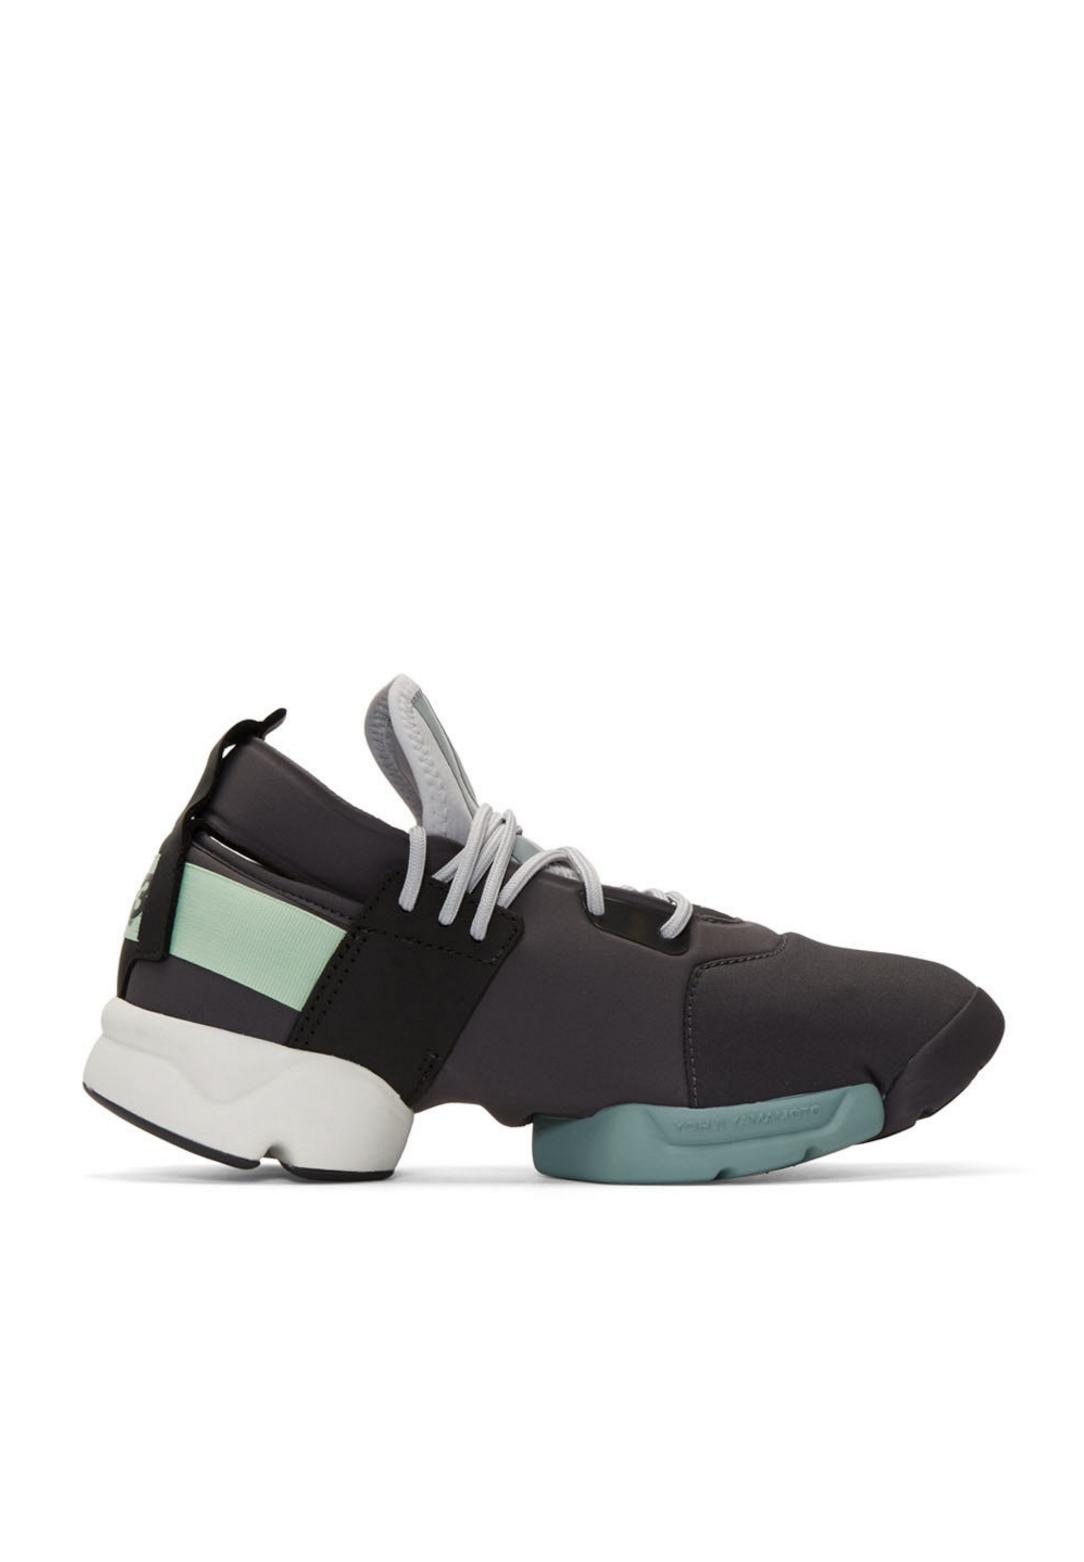 Y-3 - Grey Kydo Sneakers. Y3 SneakersMens RunningMens ProductsMen's  ShoesStyle ...